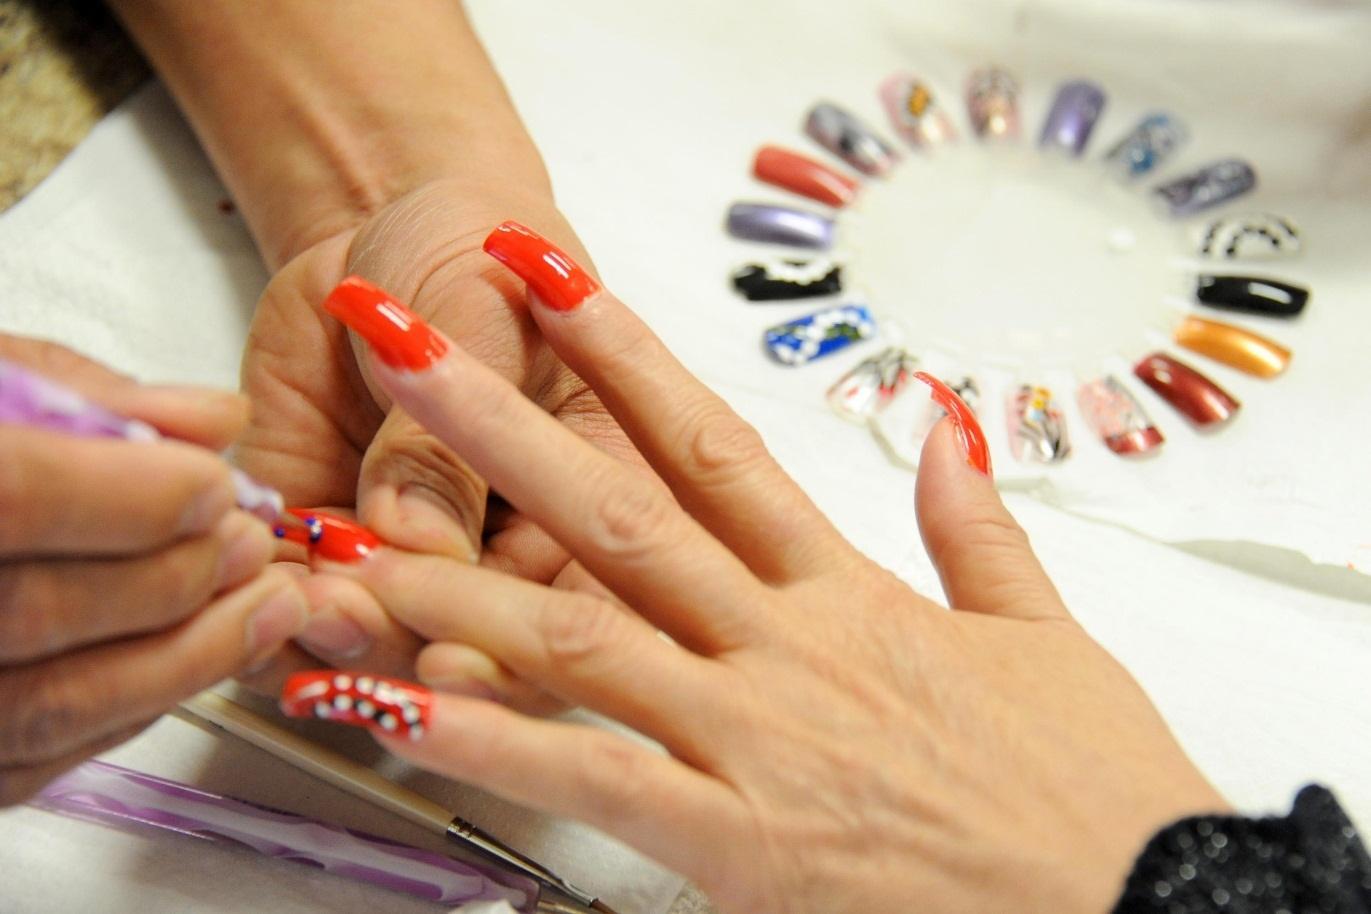 Tổng hợp từ vựng tiếng Anh chuyên ngành nail thông dụng 2020